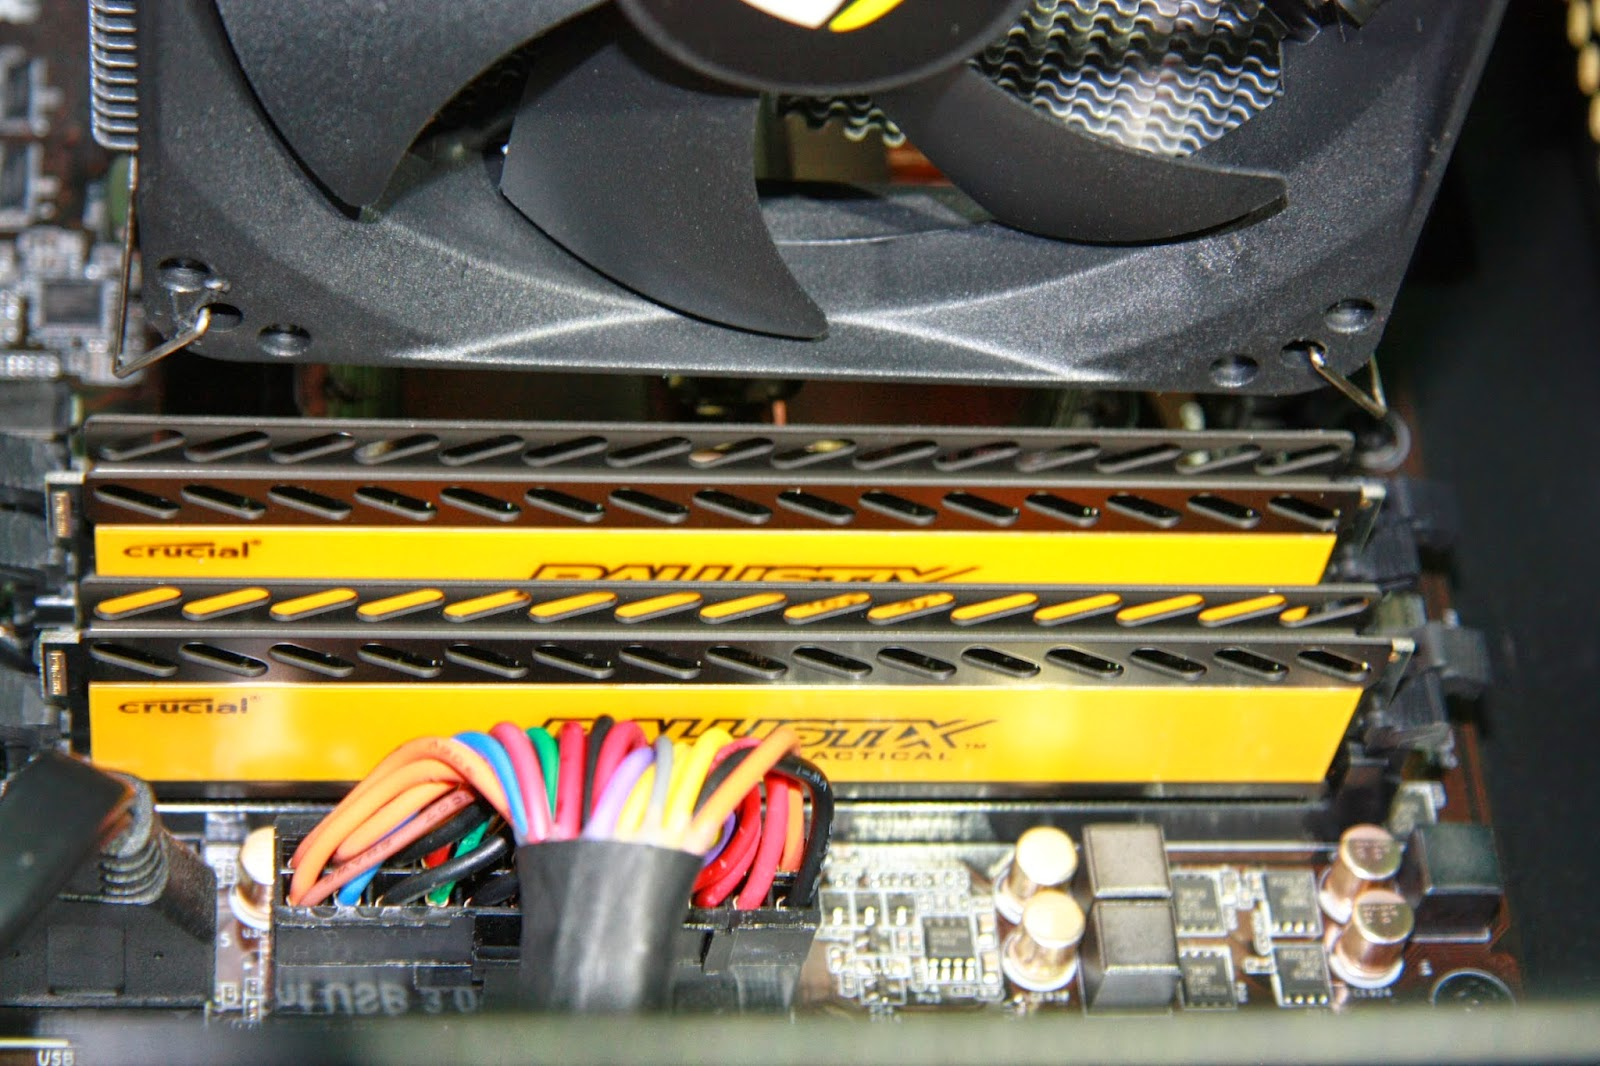 Dołożone kości RAM w bankach drugim i czwartym